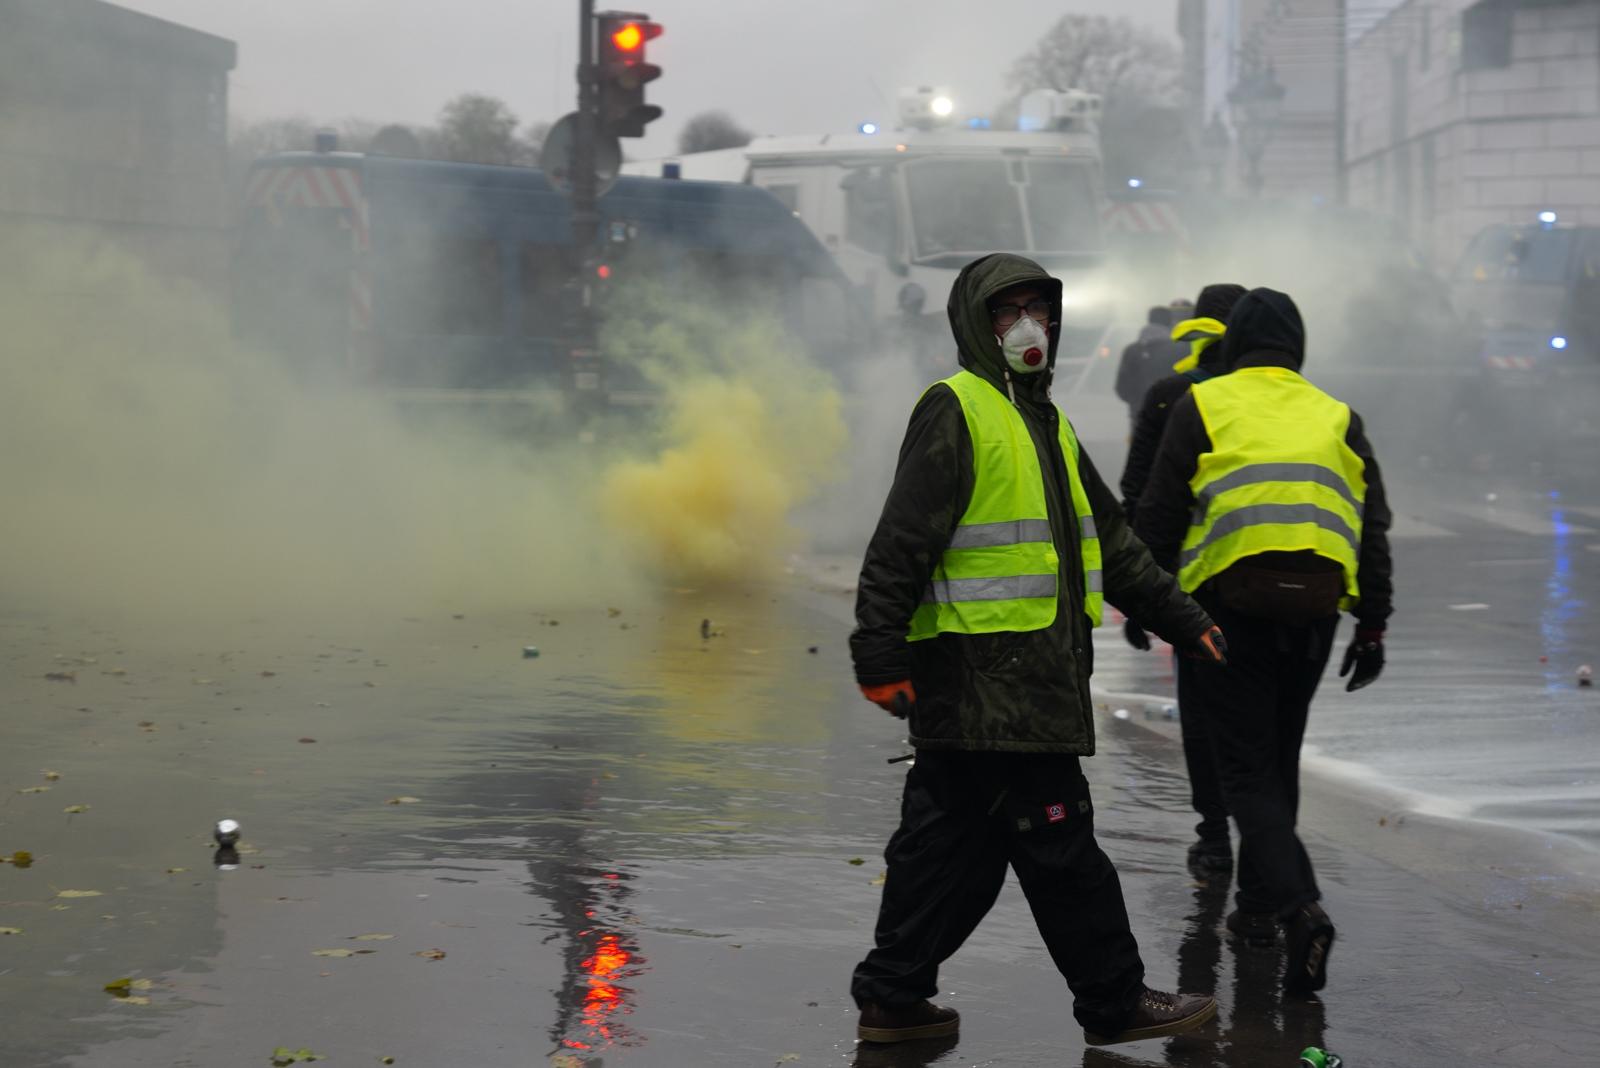 Un Gilet Jaune avec un masque à gaz dans la rue de Rivoli sous les fumées de gaz lacrymogènes et de fumigènes, lors d'une manifestation à Paris le 1er décembre 2018. Paris - Acte III - Rue de Rivoli le 1er décembre 2018.